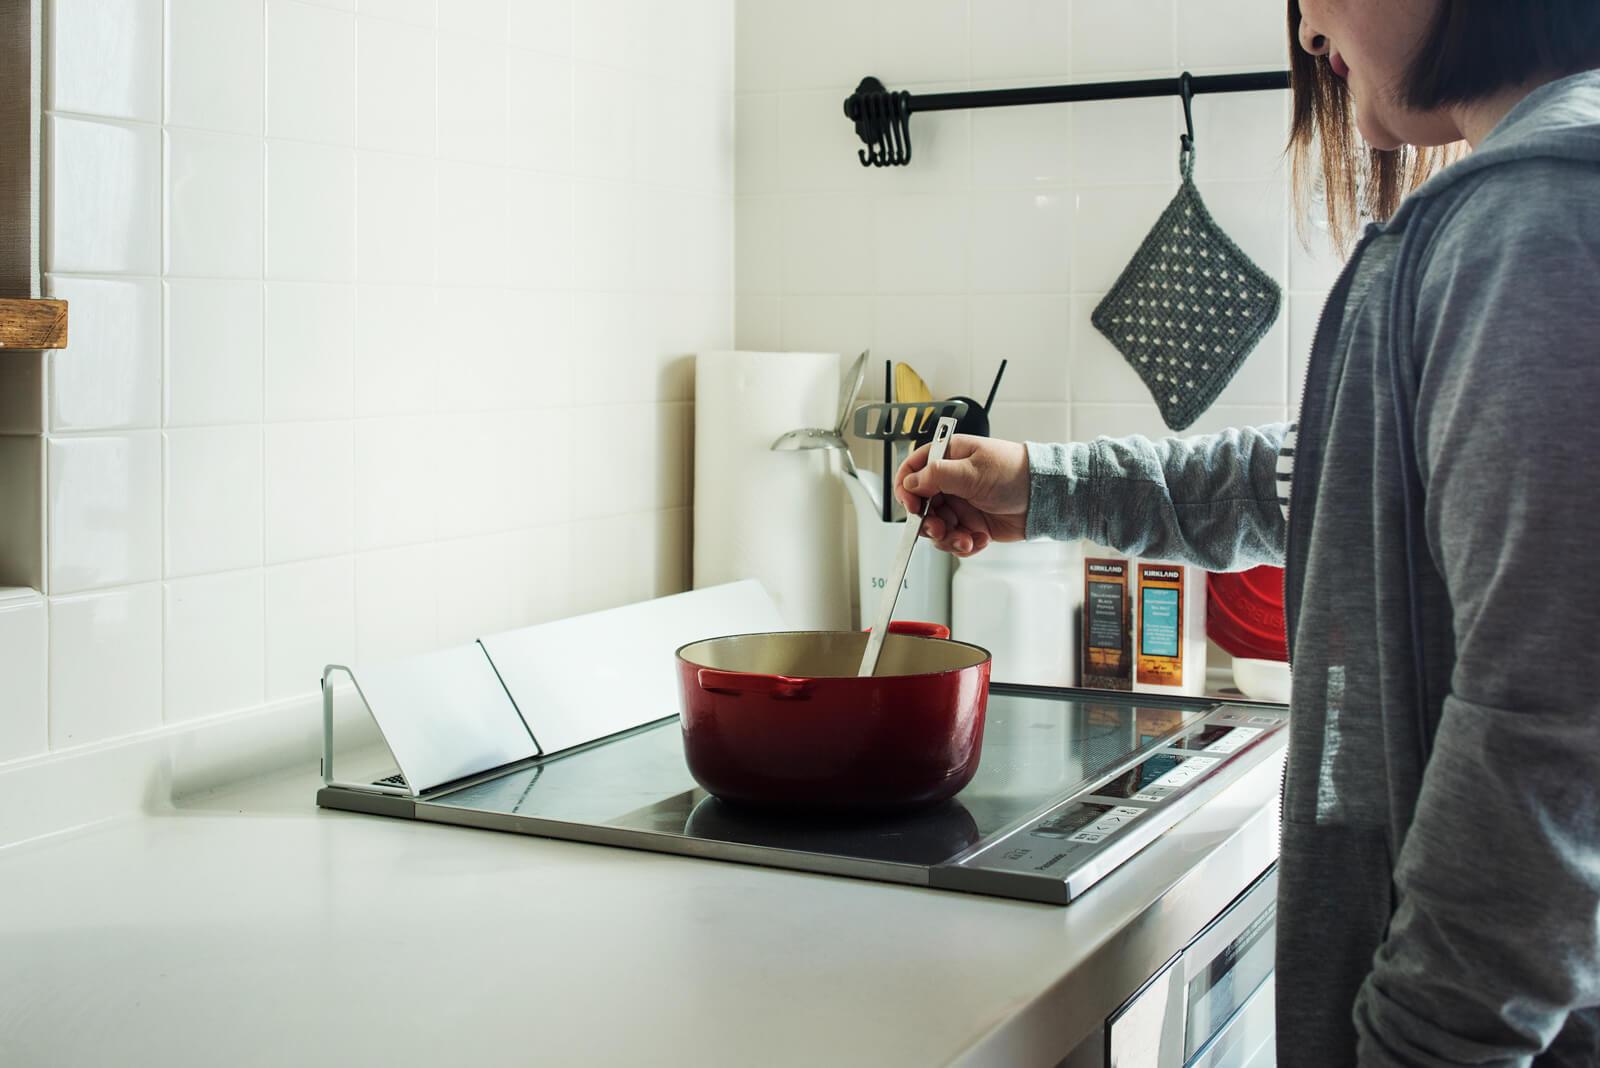 Yさん宅のキッチンは、壁面にも白いタイルを張って、より清潔に使えるようにした